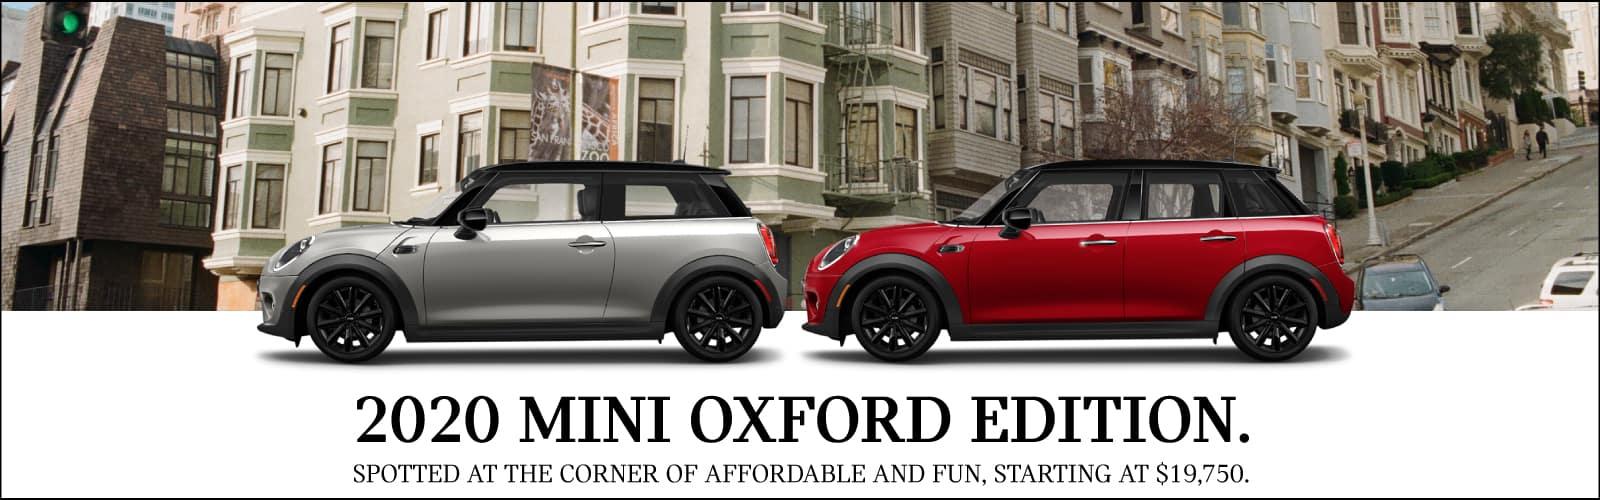 2020 MINI OXFORD EDITION